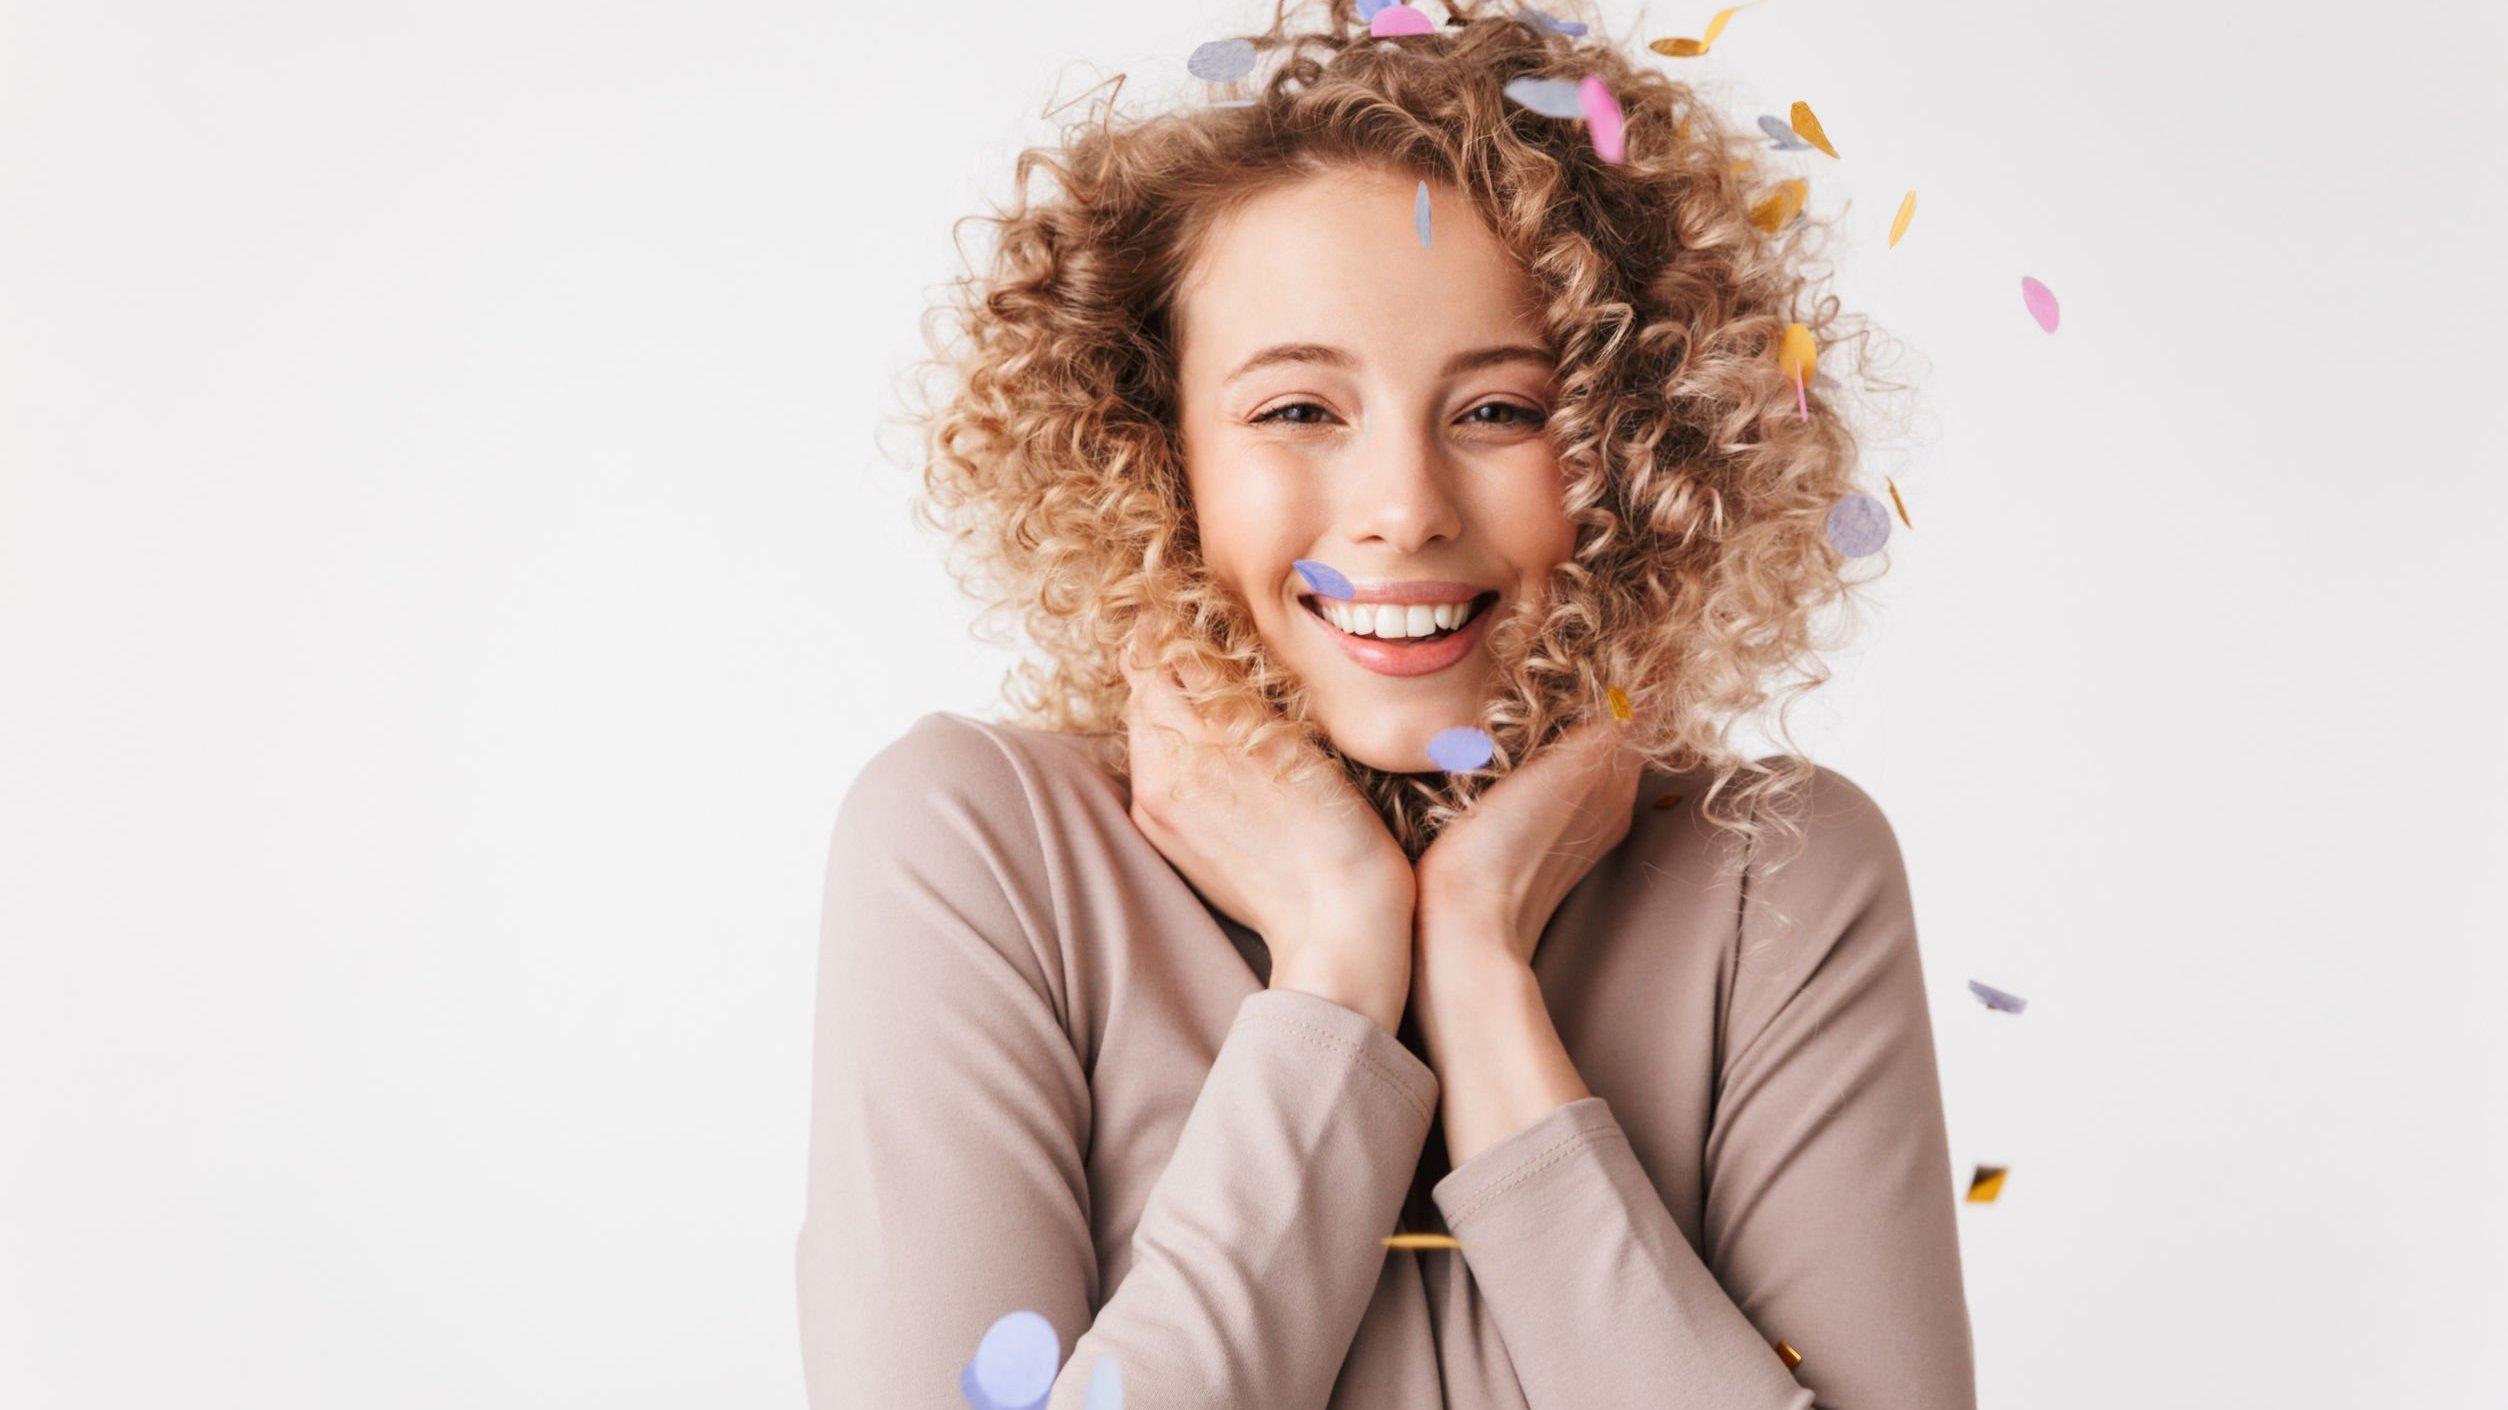 Mulher sorrindo com confete colorido caindo em sua cabeça